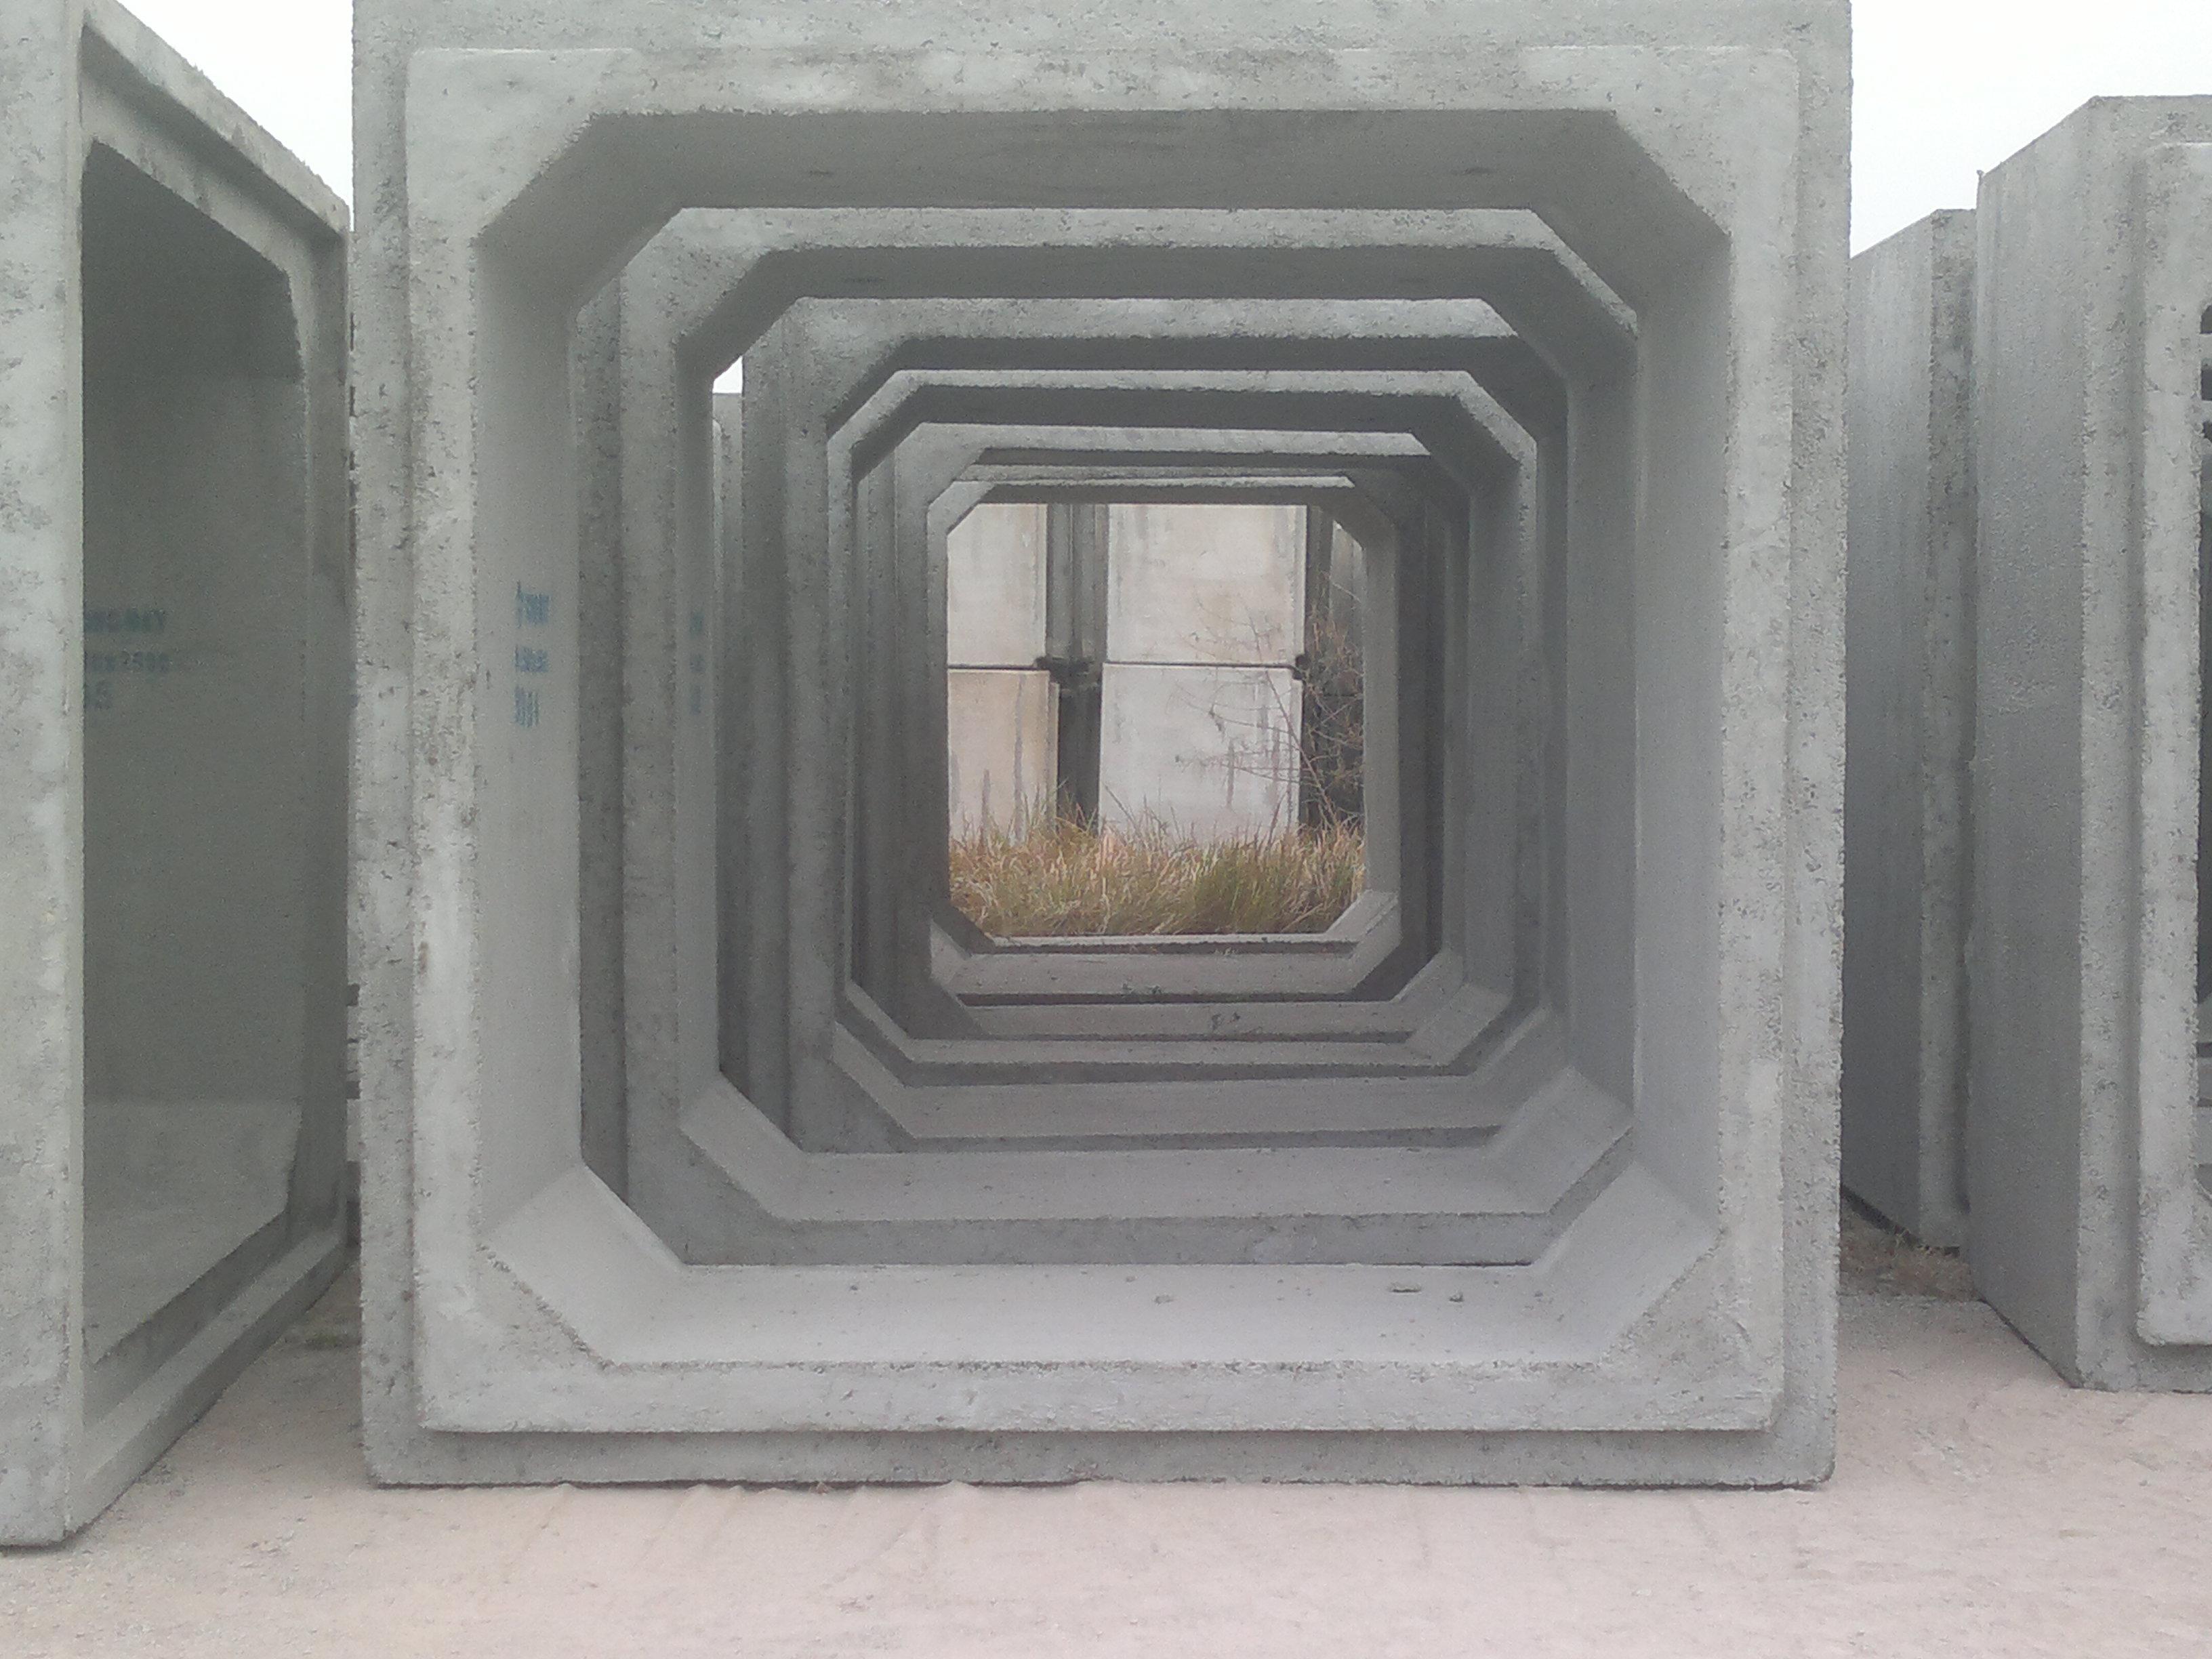 Cống hộp bê tông đúc sẵn H1200x1200